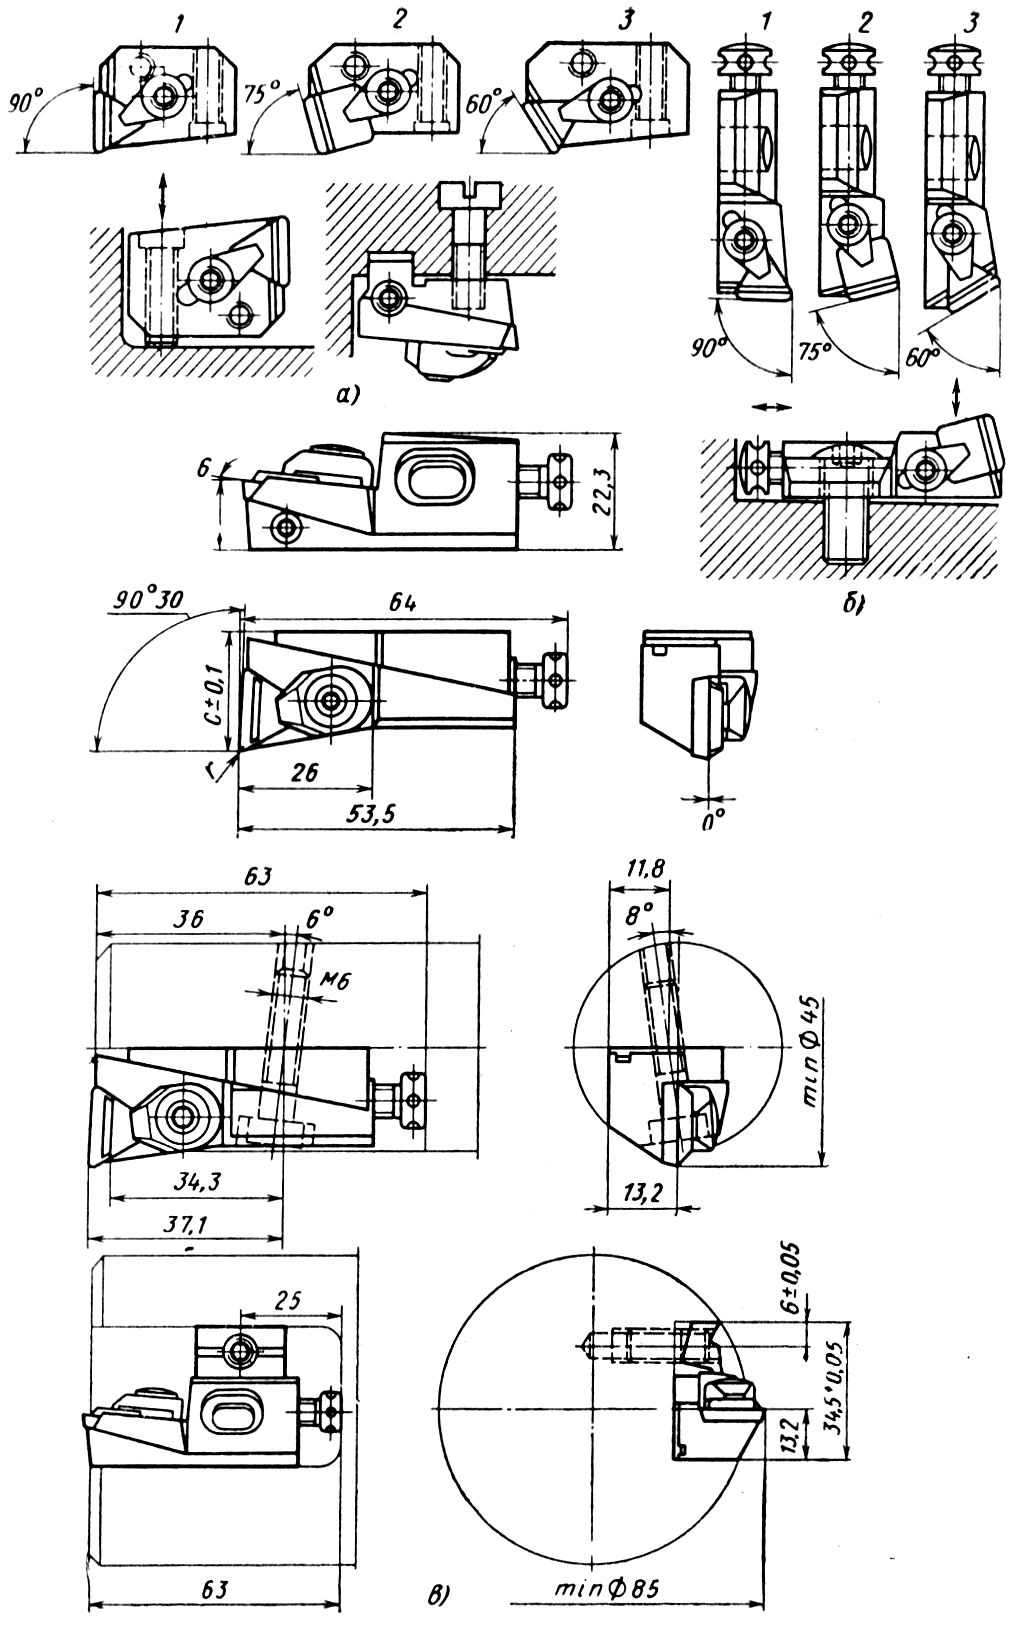 наплавка металлорежущего инструмента и штампов